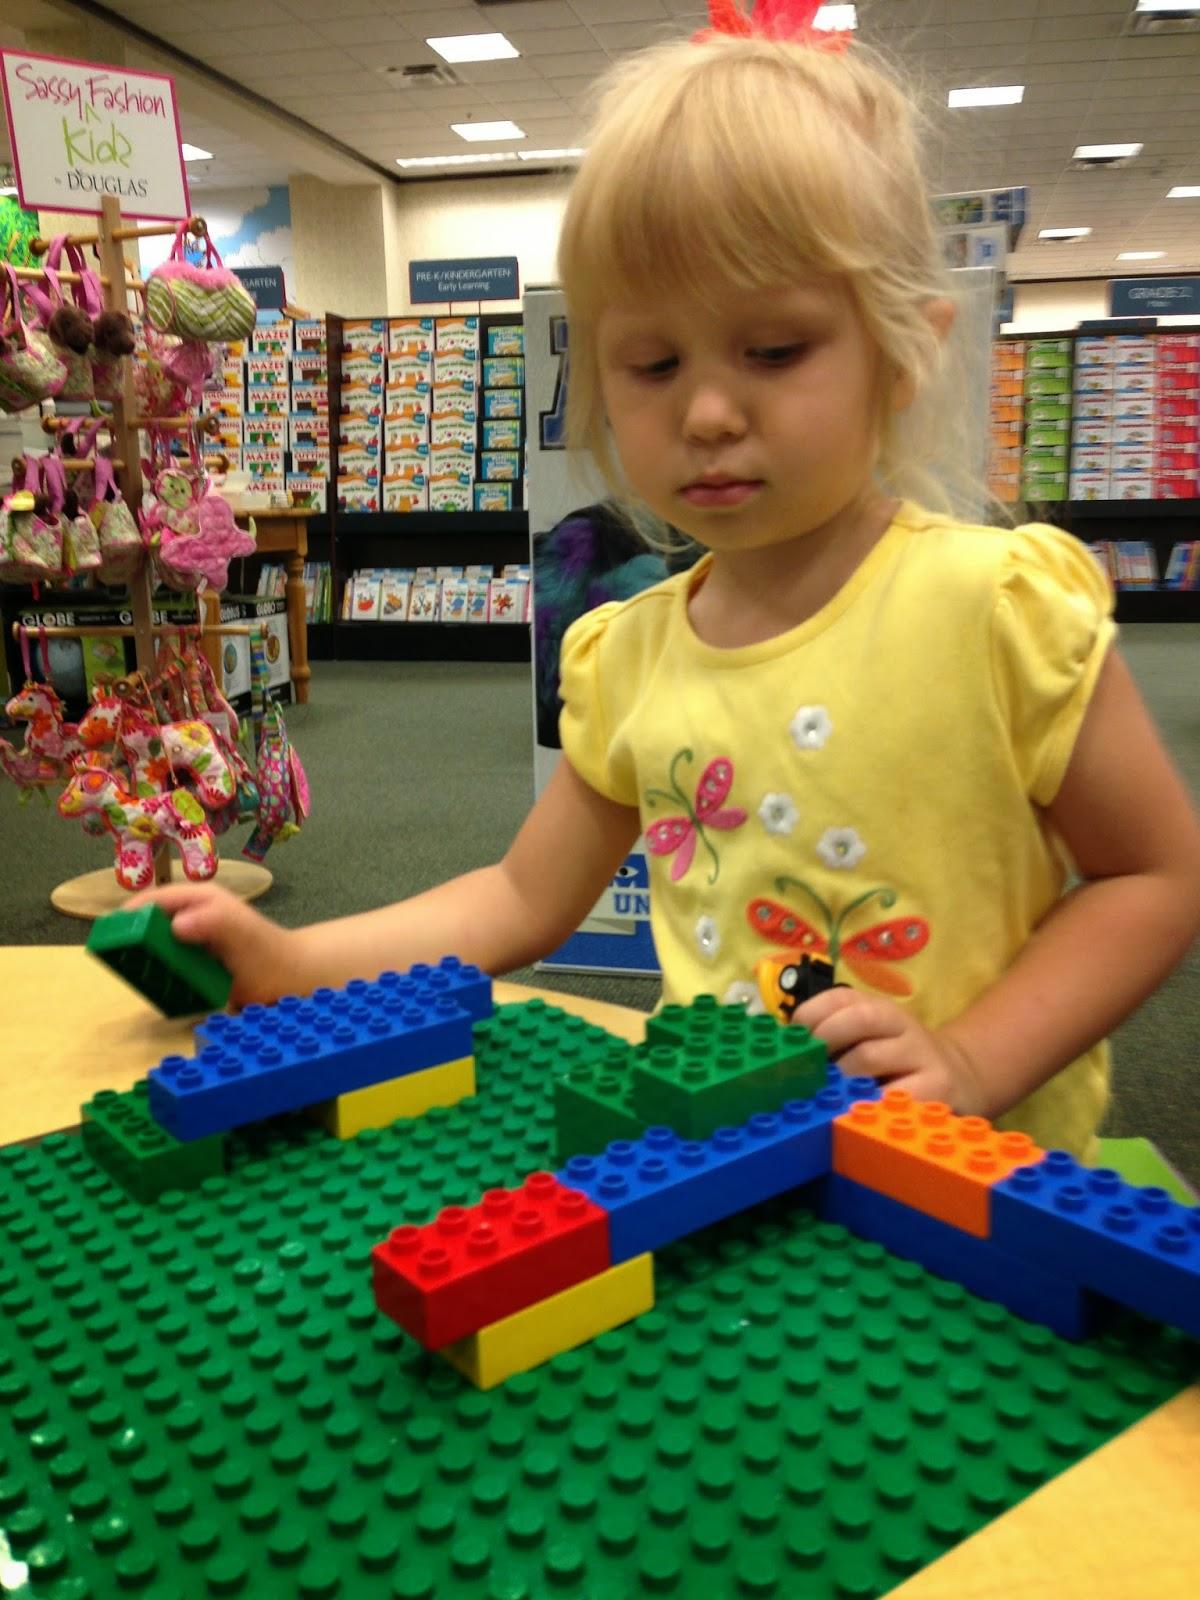 Красивая девушка развлекается со своей любимой игрушкой фото 128-752